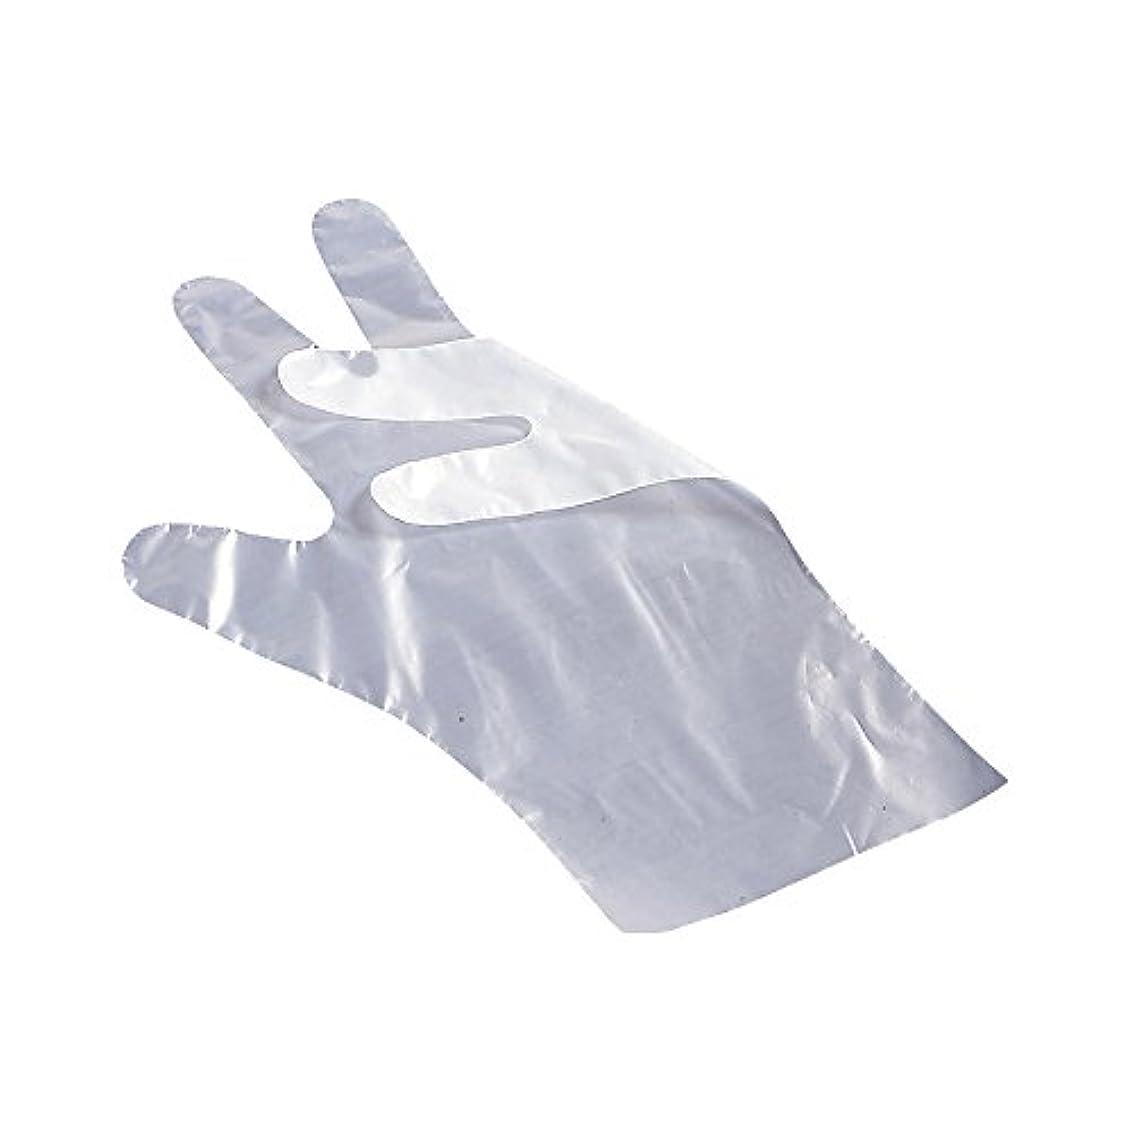 紛争トムオードリースローズサクラメンエンボス手袋 デラックス 白 S 100枚入